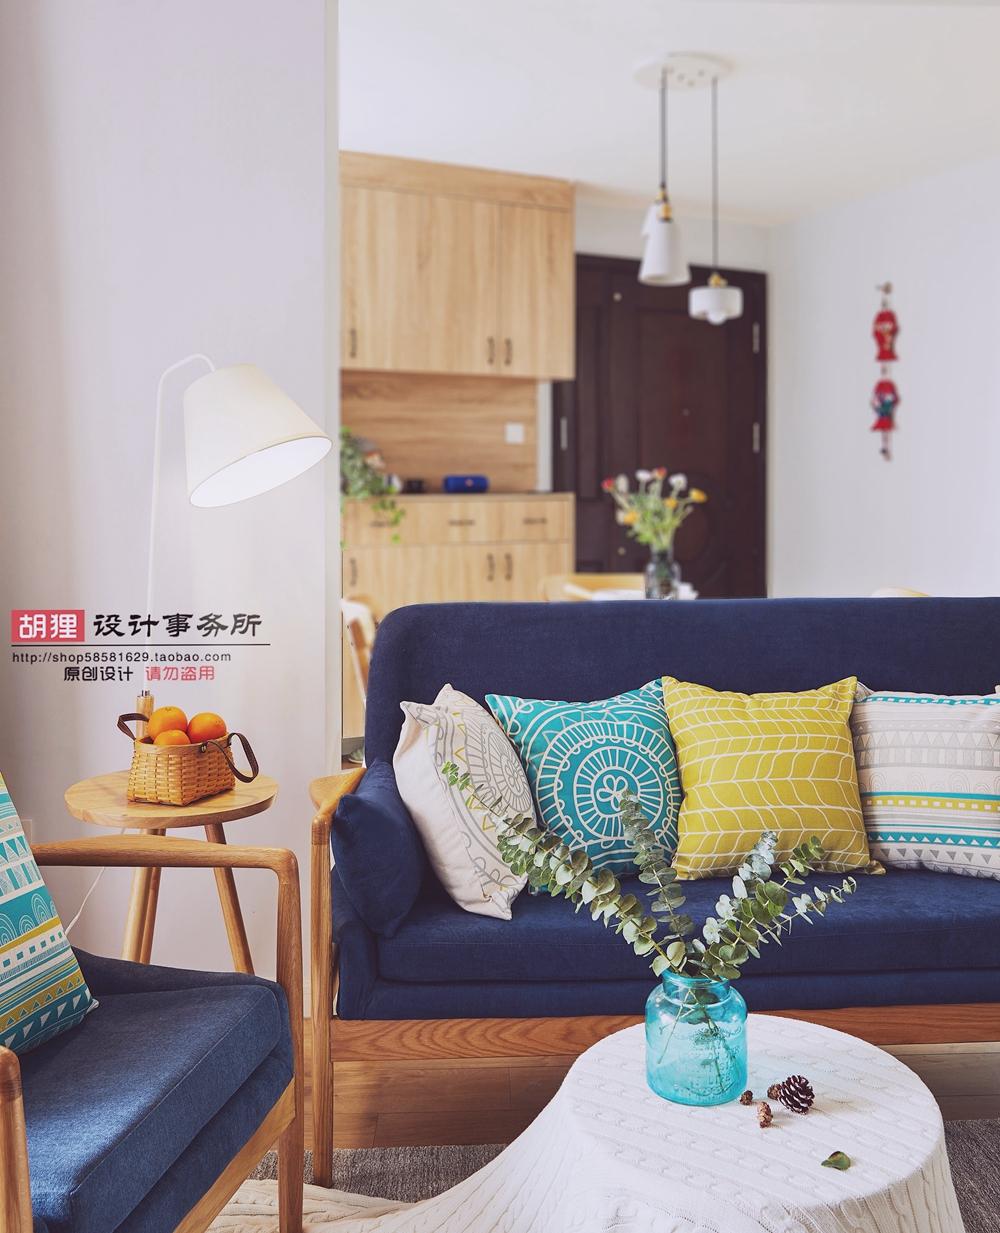 简约 北欧 客厅图片来自设计师胡狸在在一起的分享